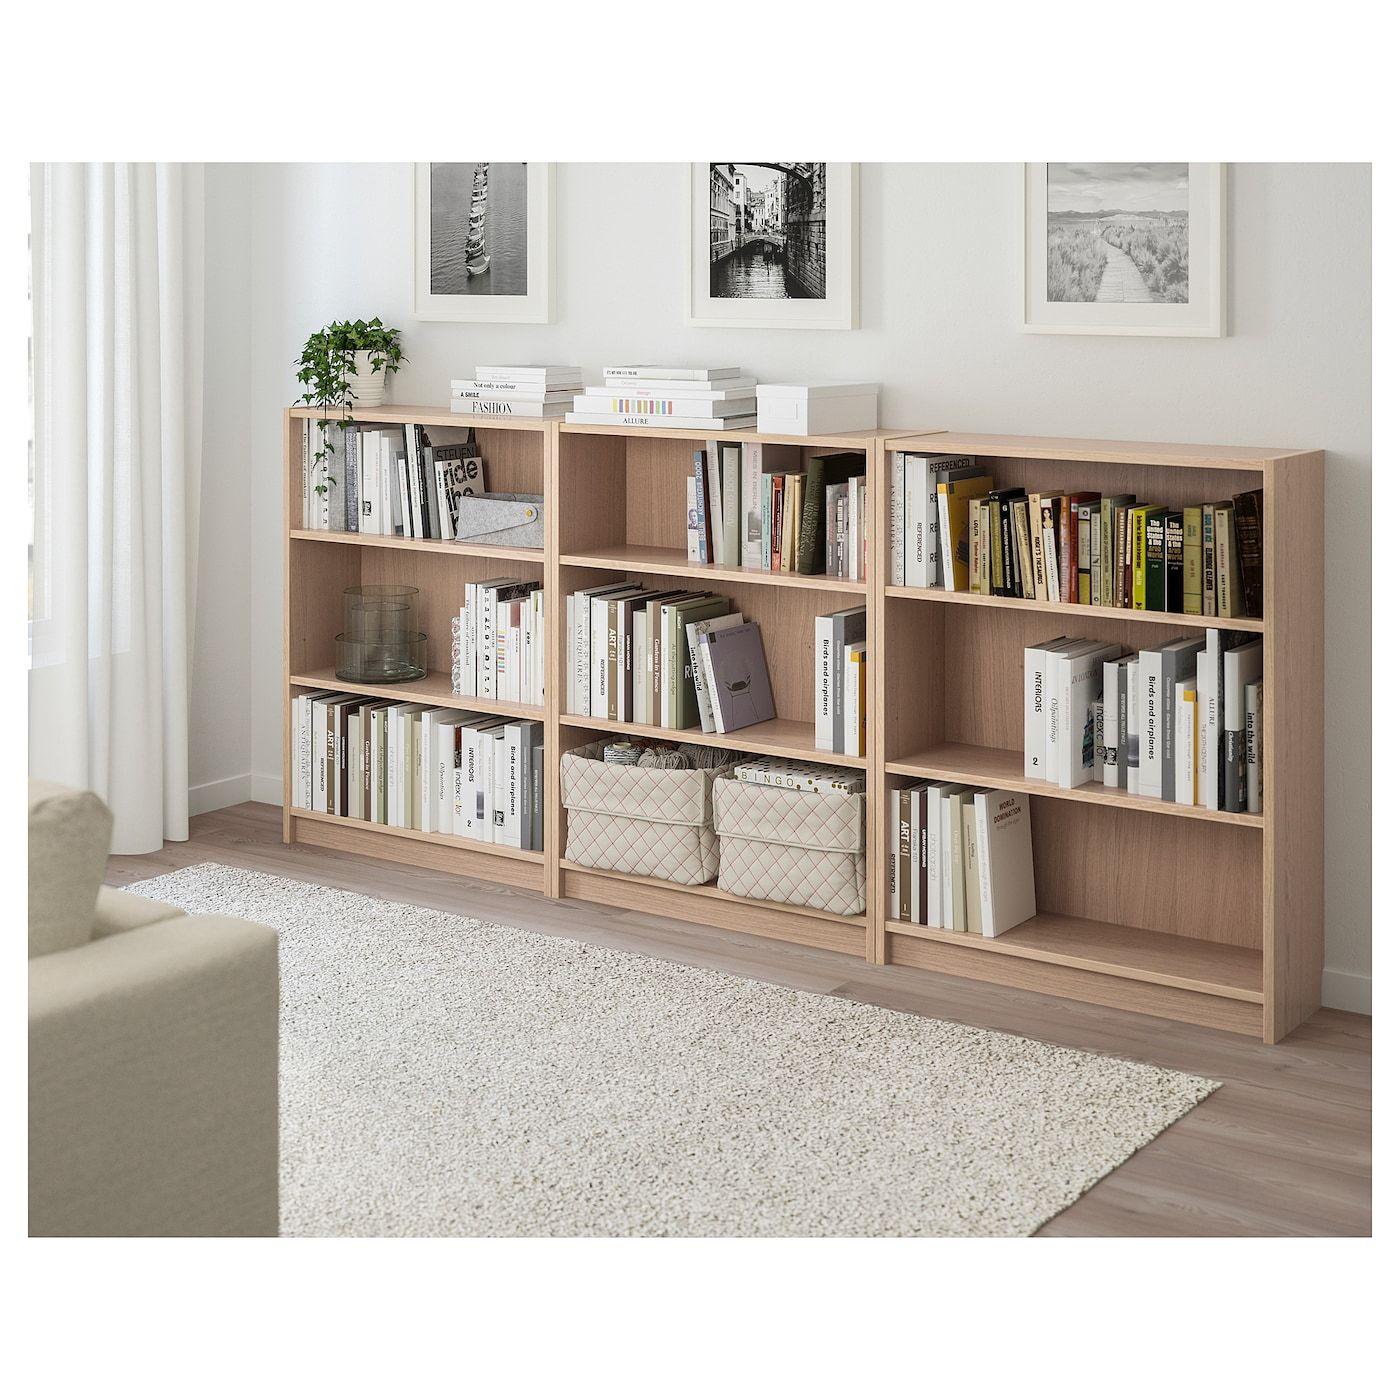 Billy Bookcase White Stained Oak Veneer 240x28x106 Cm Nel 2020 Scaffali Per Camera Da Letto Scaffali Per Libri Idee Ikea